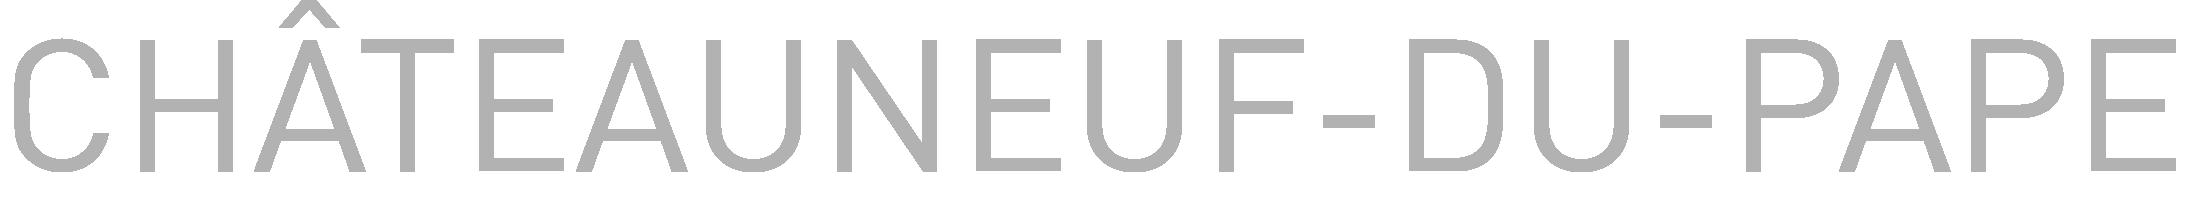 FÉDÉRATION DES SYNDICATS DE PRODUCTEURS CHÂTEAUNEUF-DU-PAPE